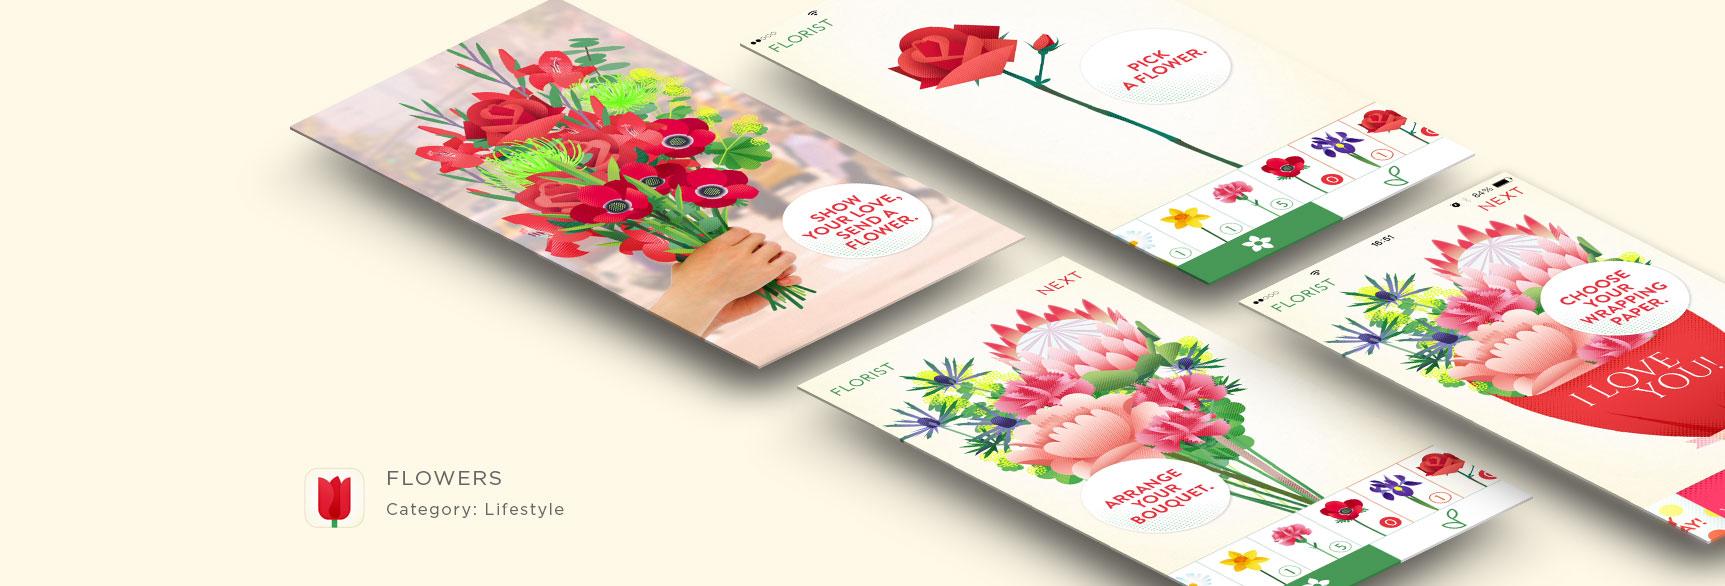 Flowers-app-dev